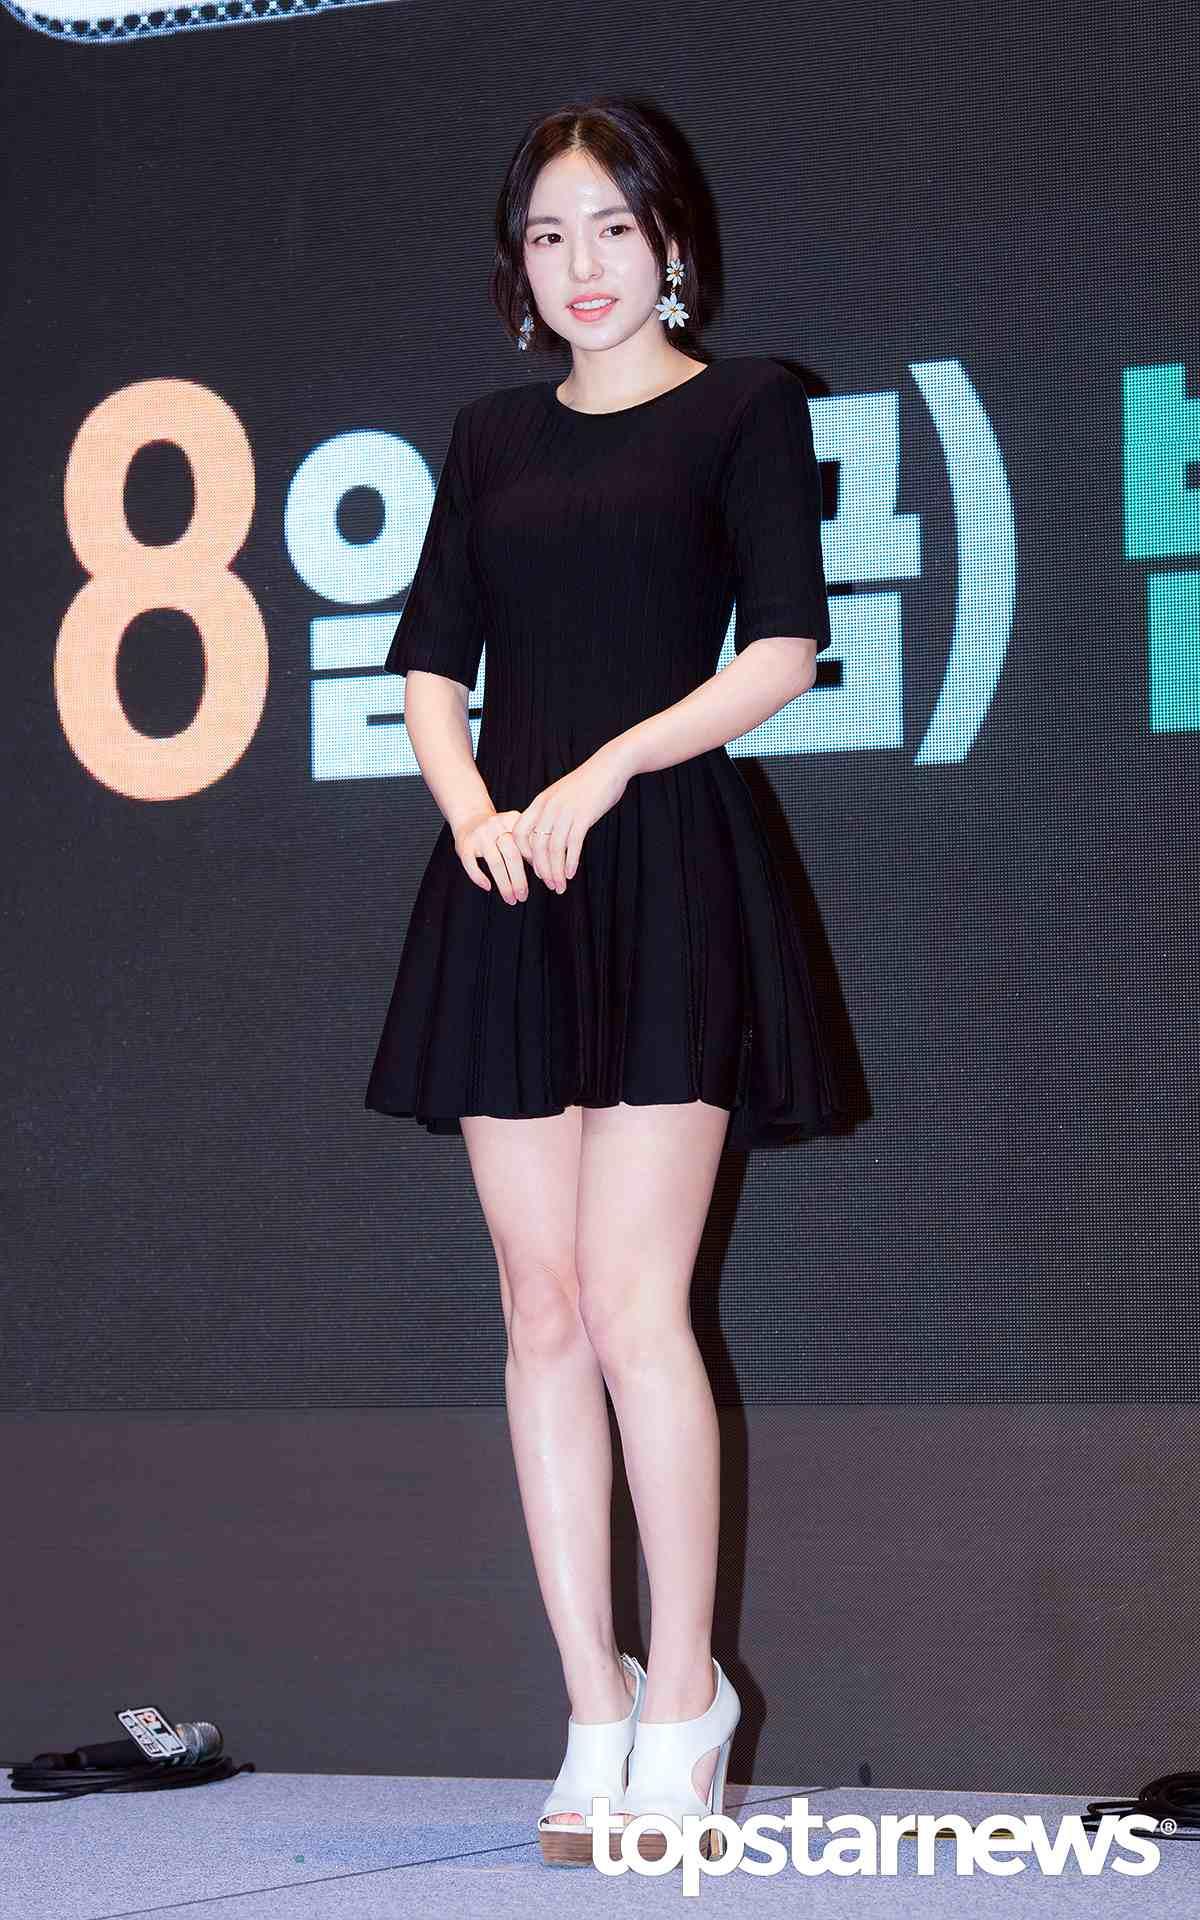 ➤ 閔孝琳 2004年在JYP當練習生的閔孝琳,曾經以歌手的身分活動過一段時間,但是因為家住大邱,首爾-大邱的通勤加上塞滿的練習生行程,最後他選擇放棄當歌手改以演員身分出道。